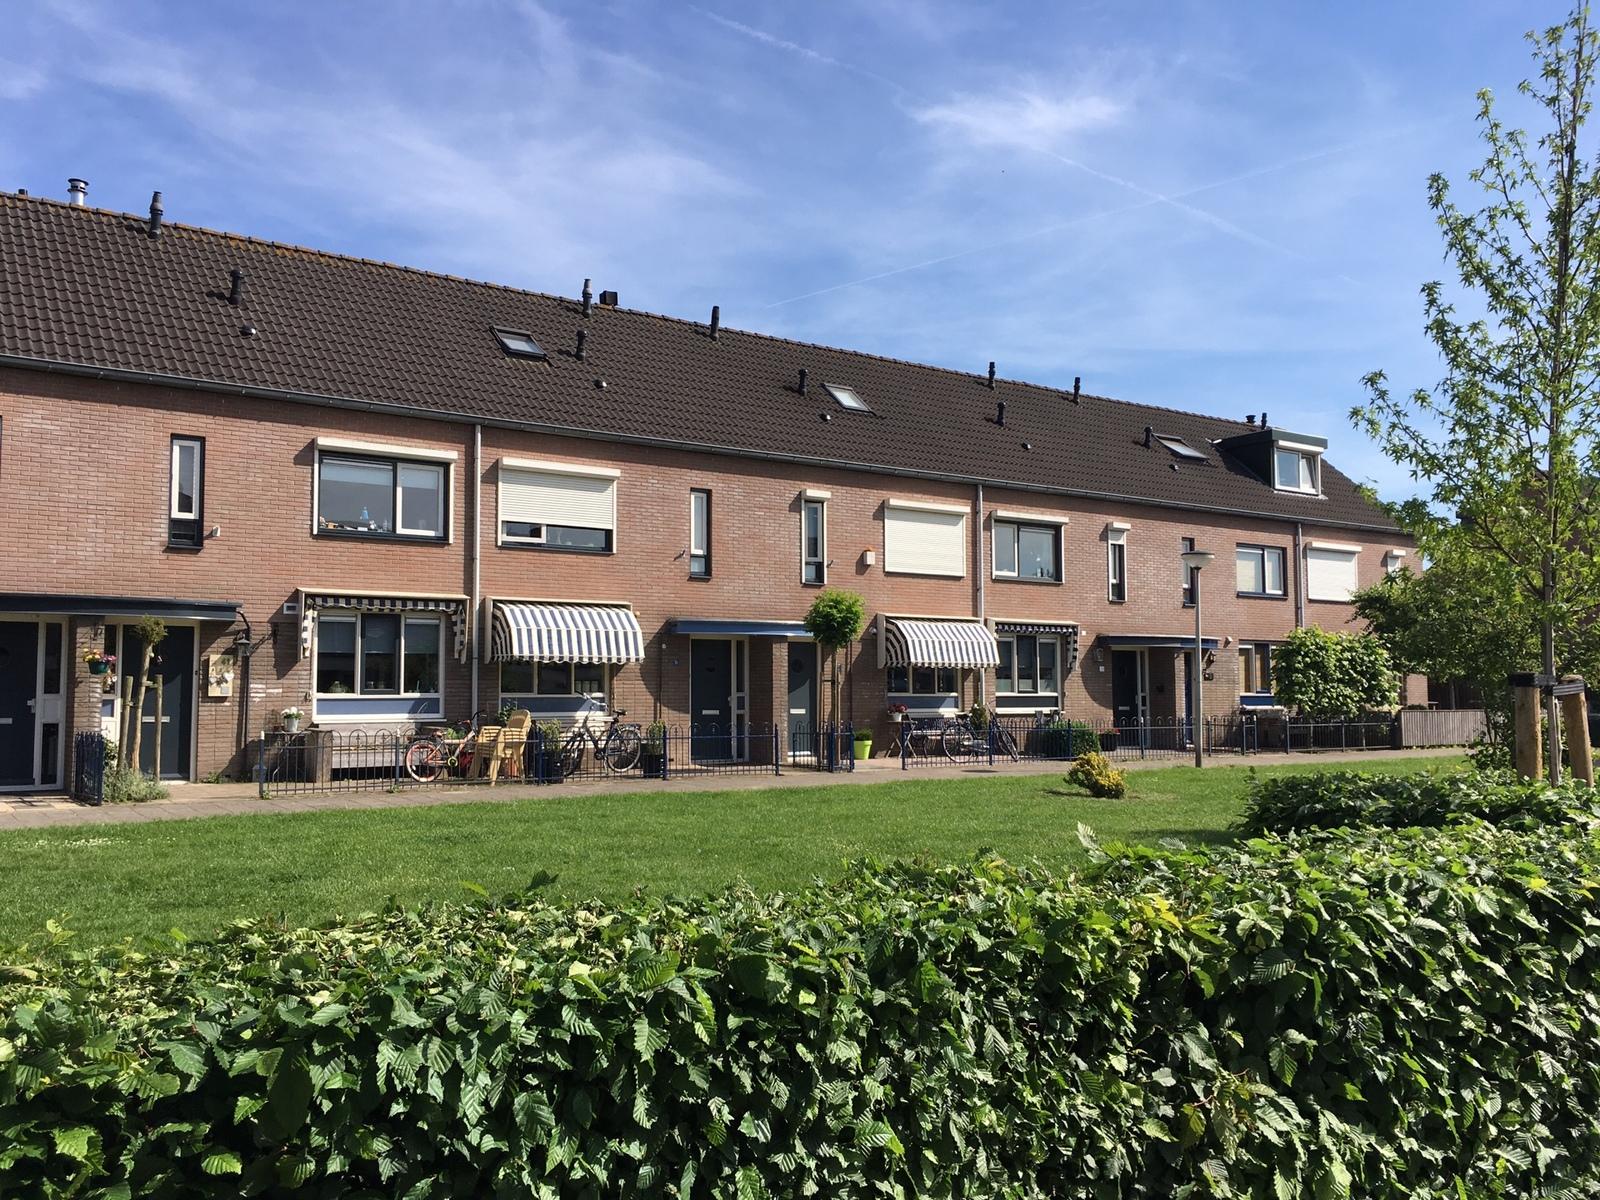 стоимость жизни в нидерландах